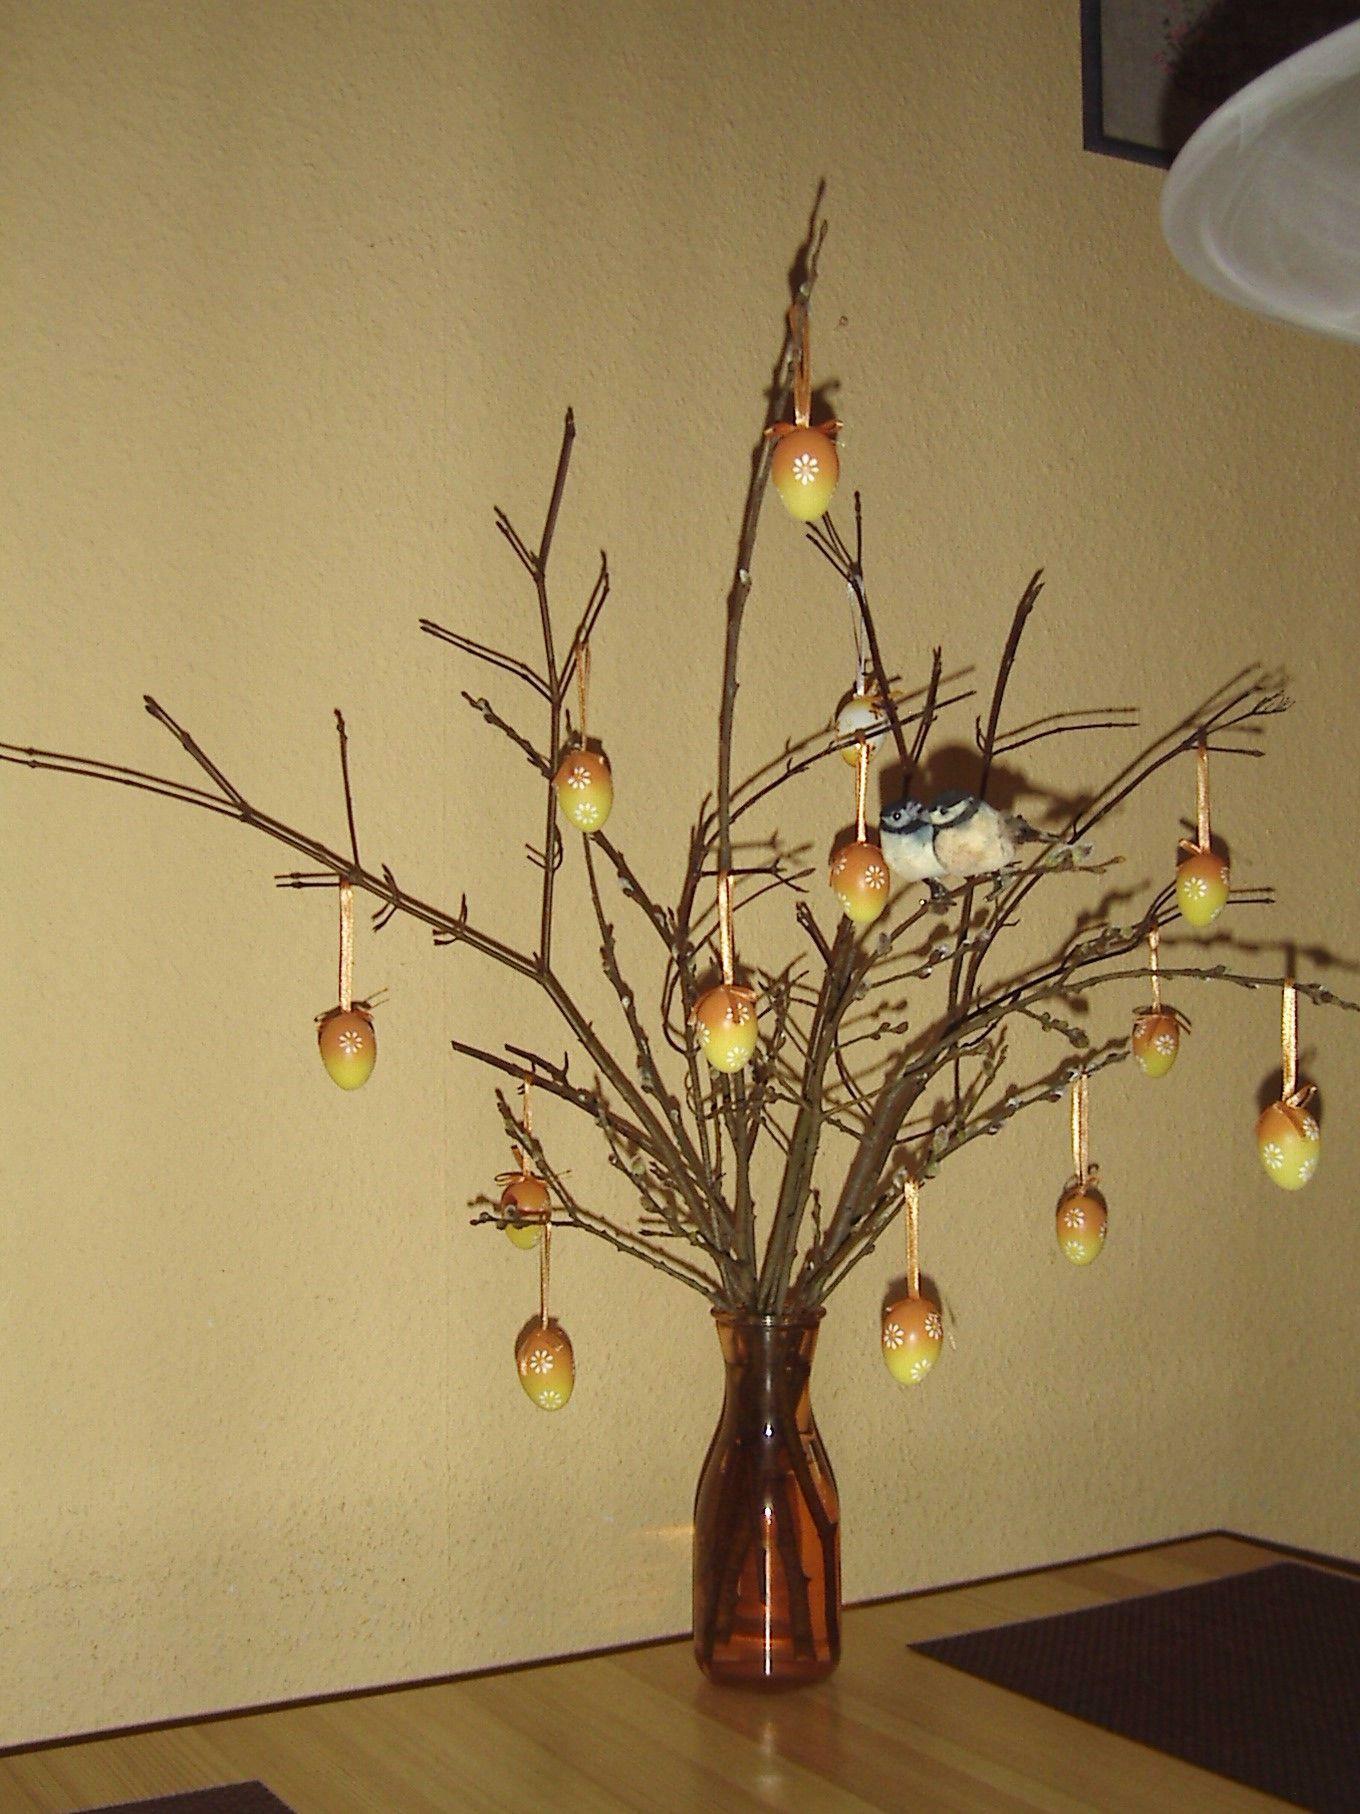 Osterbaum In Der Vase Dekorieren Osterbaum Kleine Vogel